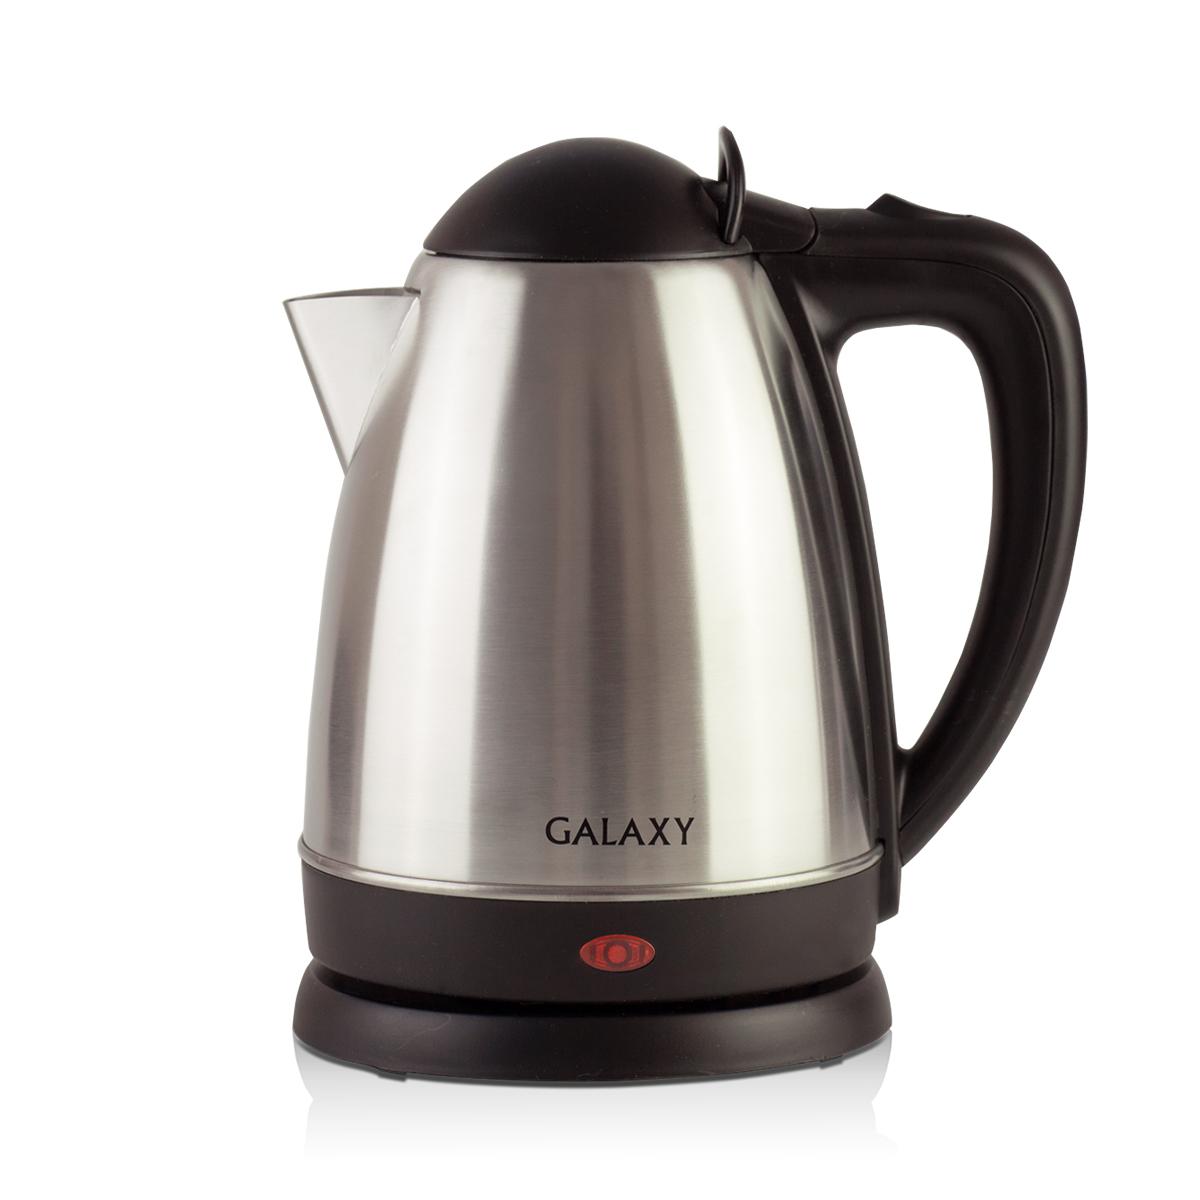 Galaxy GL 0316, Silver чайник электрический4650067301952Металлический чайник Galaxy GL 0316 изготавливается из стали марки 18/10, именуемой медицинской или хирургической. Такое название она получила не случайно, ведь именно из этой марки стали изготавливаются медицинские и хирургические инструменты. Это обусловлено тем, что сталь 18/10 экологически безопасна, имеет высокую плотность и твердость, устойчива к коррозии, а также к воздействию кислот и щелочей, в том числе при высоких температурах.Galaxy Galaxy GL 0316 - это мощная (2000 Вт) модель объемом 1,8 л. С помощью этого чайника вы сможете приготовить чай на большую компанию за считанные минуты. Вращающийся корпус сделает использование чайника еще более удобным, а фильтр избавит от попадания накипи в чашку.